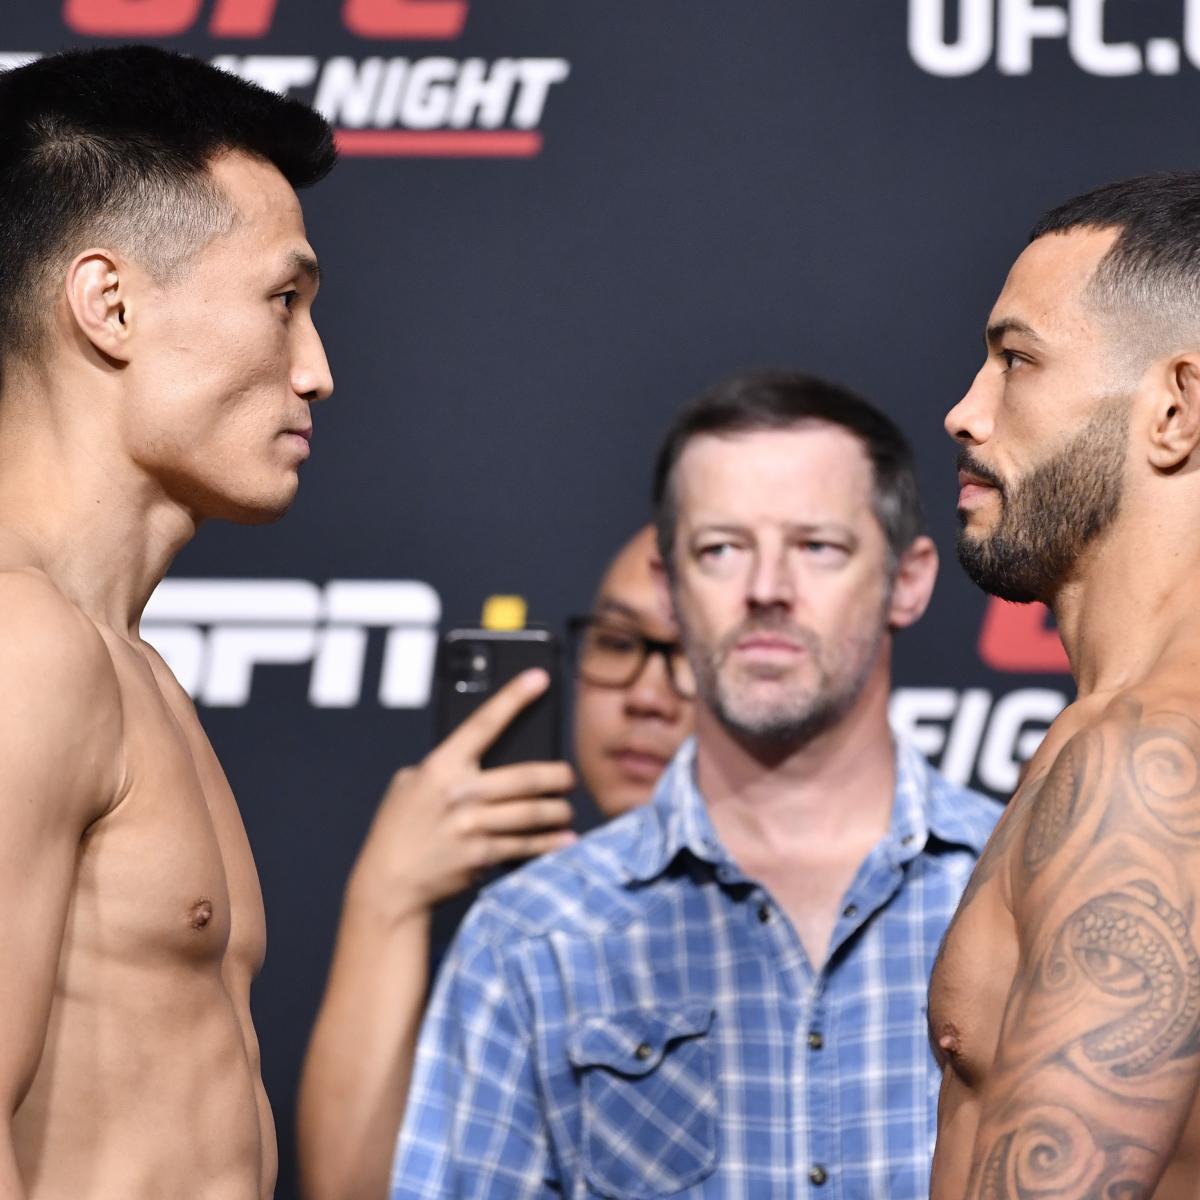 UFC Vegas 29: Korean Zombie vs. Ige Odds, Schedule, Predictions